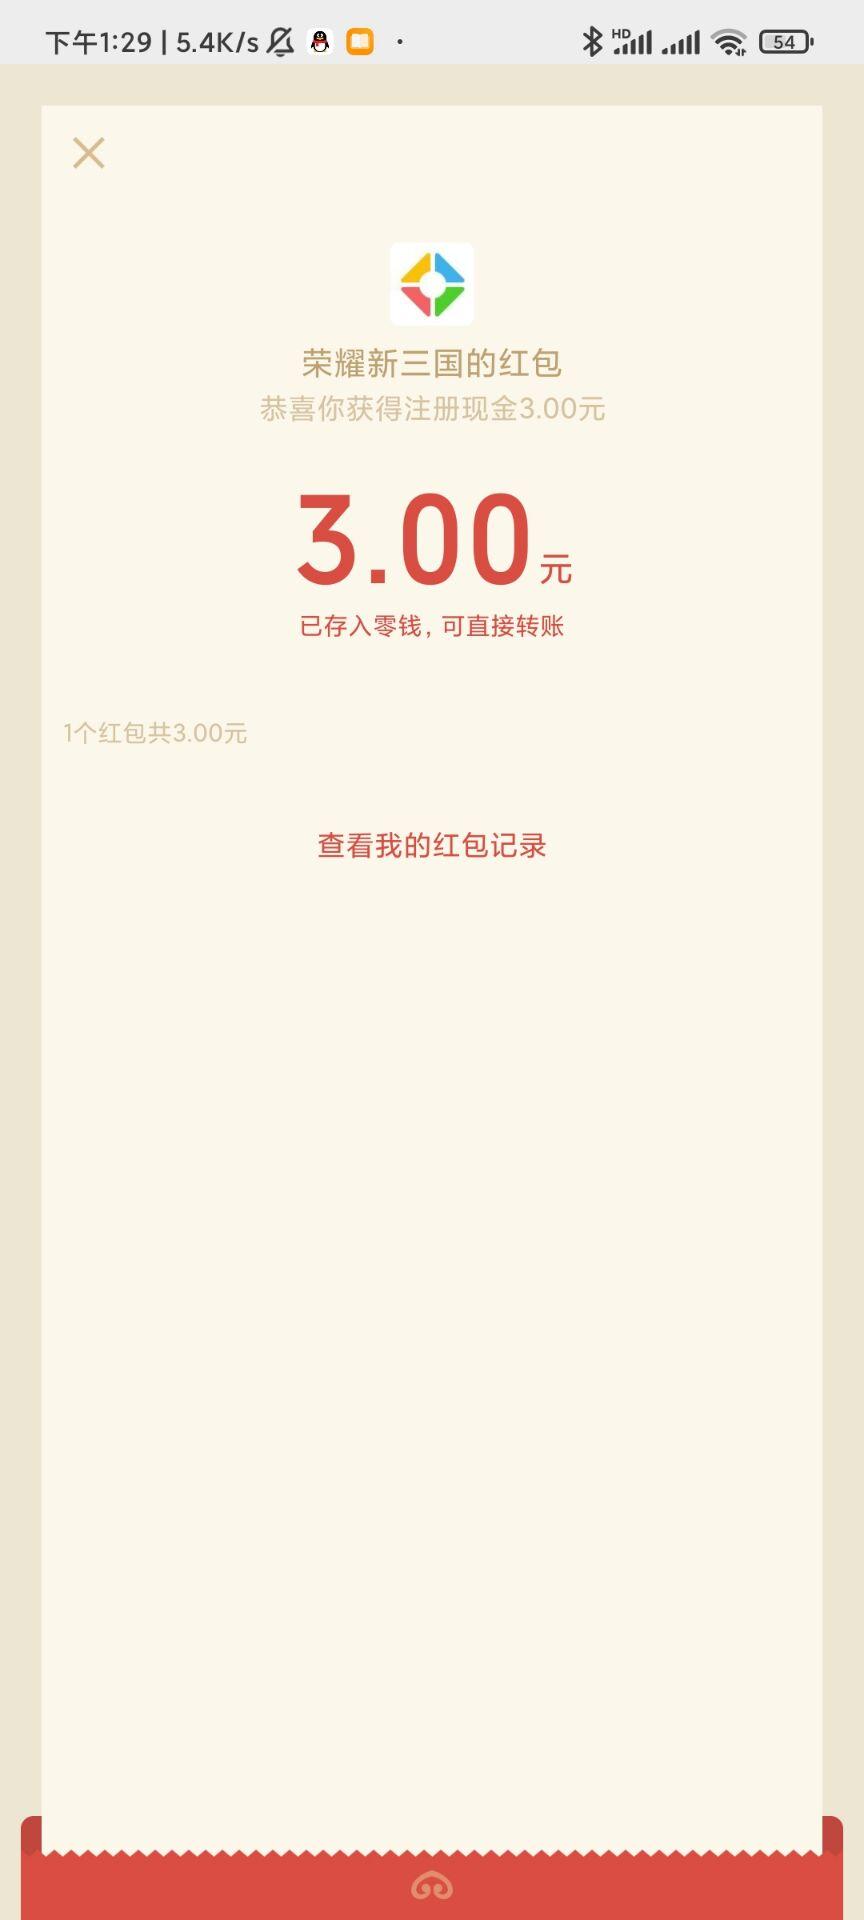 【现金红包】荣耀新三国微信注册红包(需要游戏等级)插图1